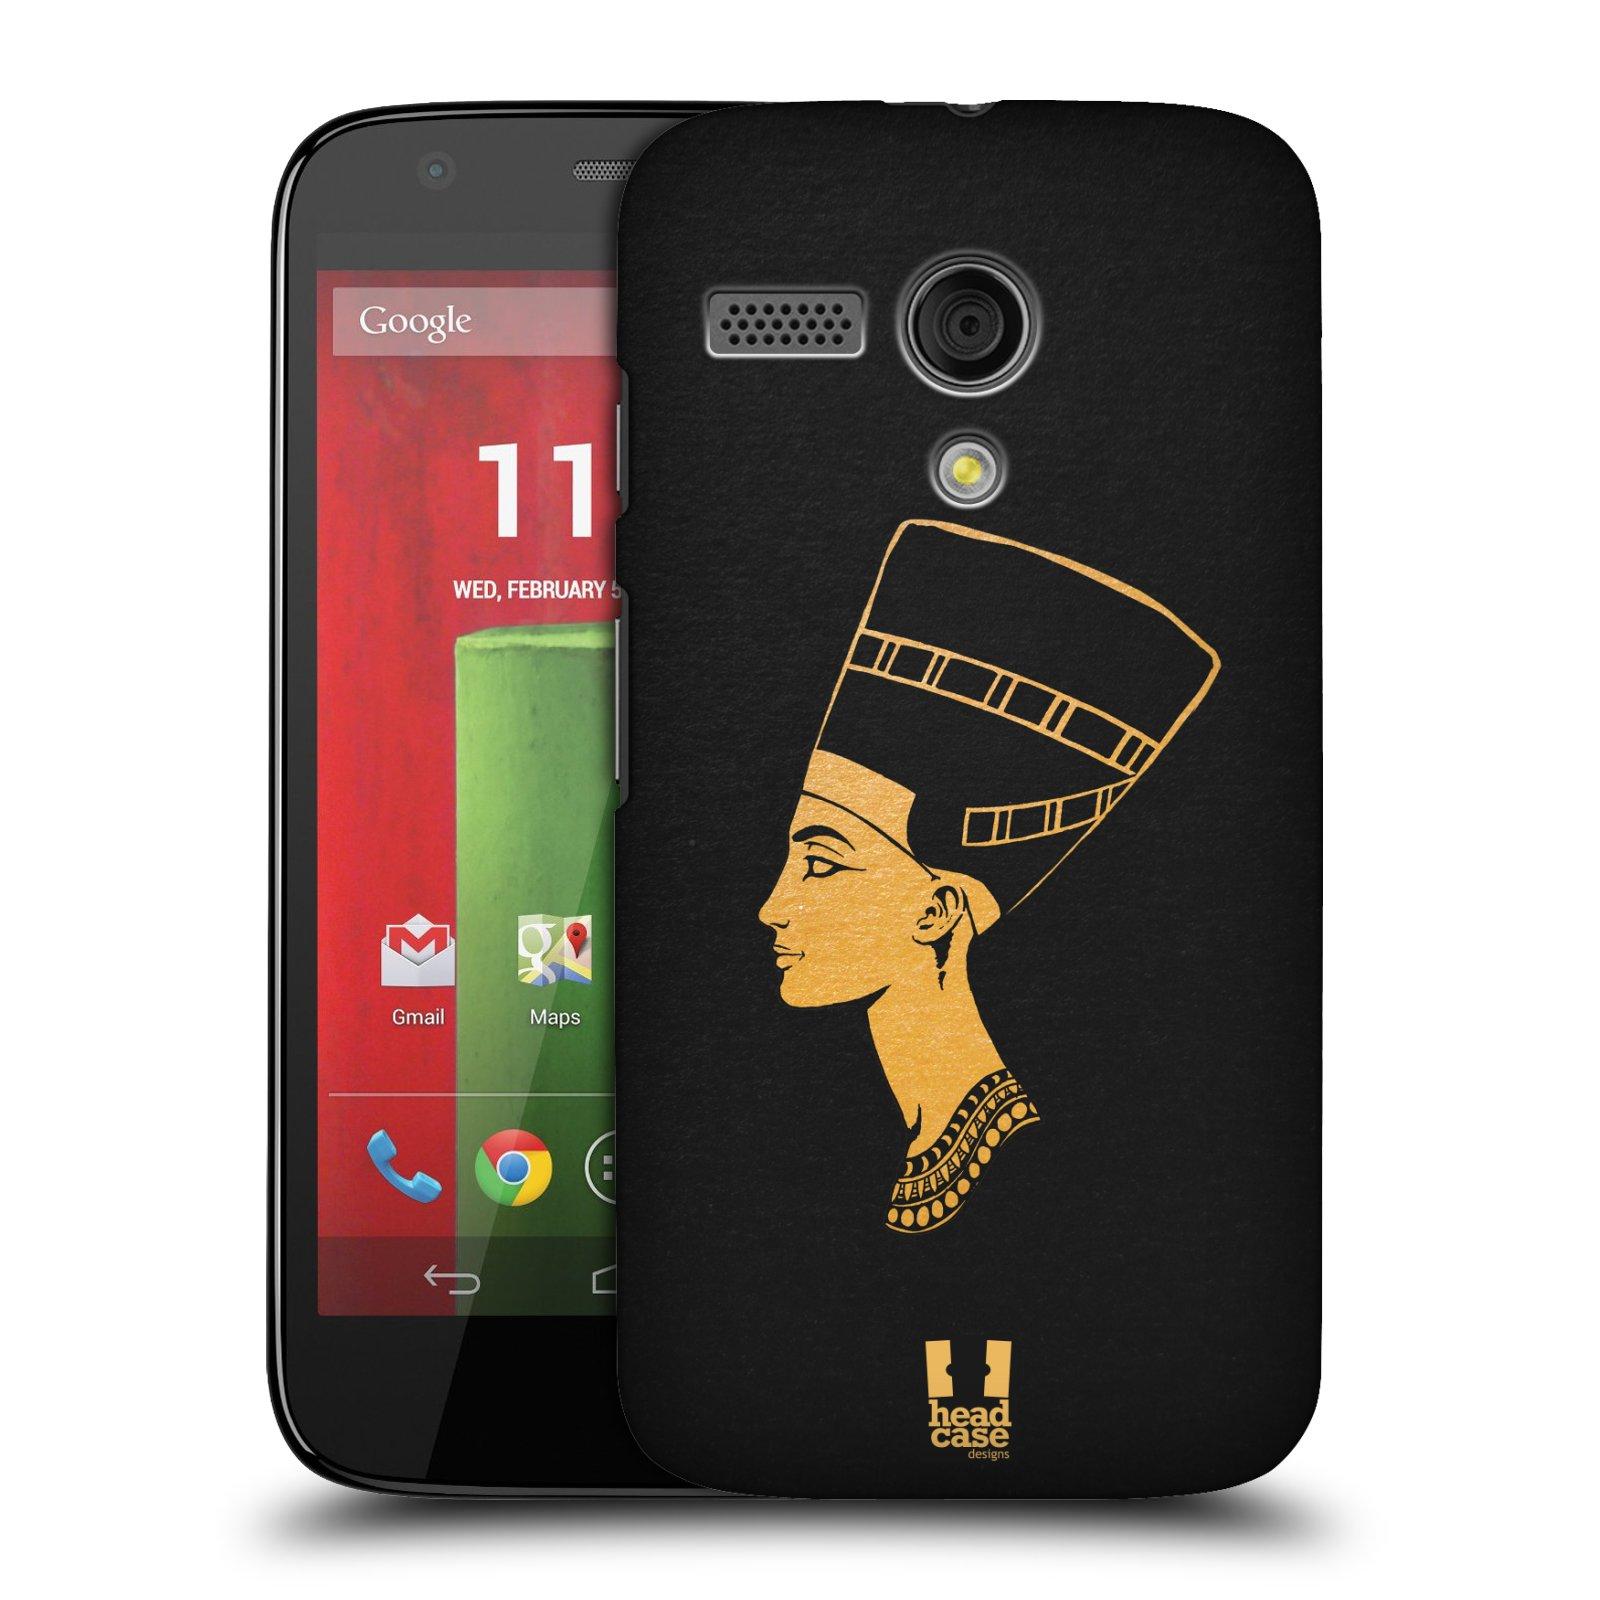 Plastové pouzdro na mobil Motorola Moto G HEAD CASE EGYPT NEFERTITI (Kryt či obal na mobilní telefon Motorola Moto G)